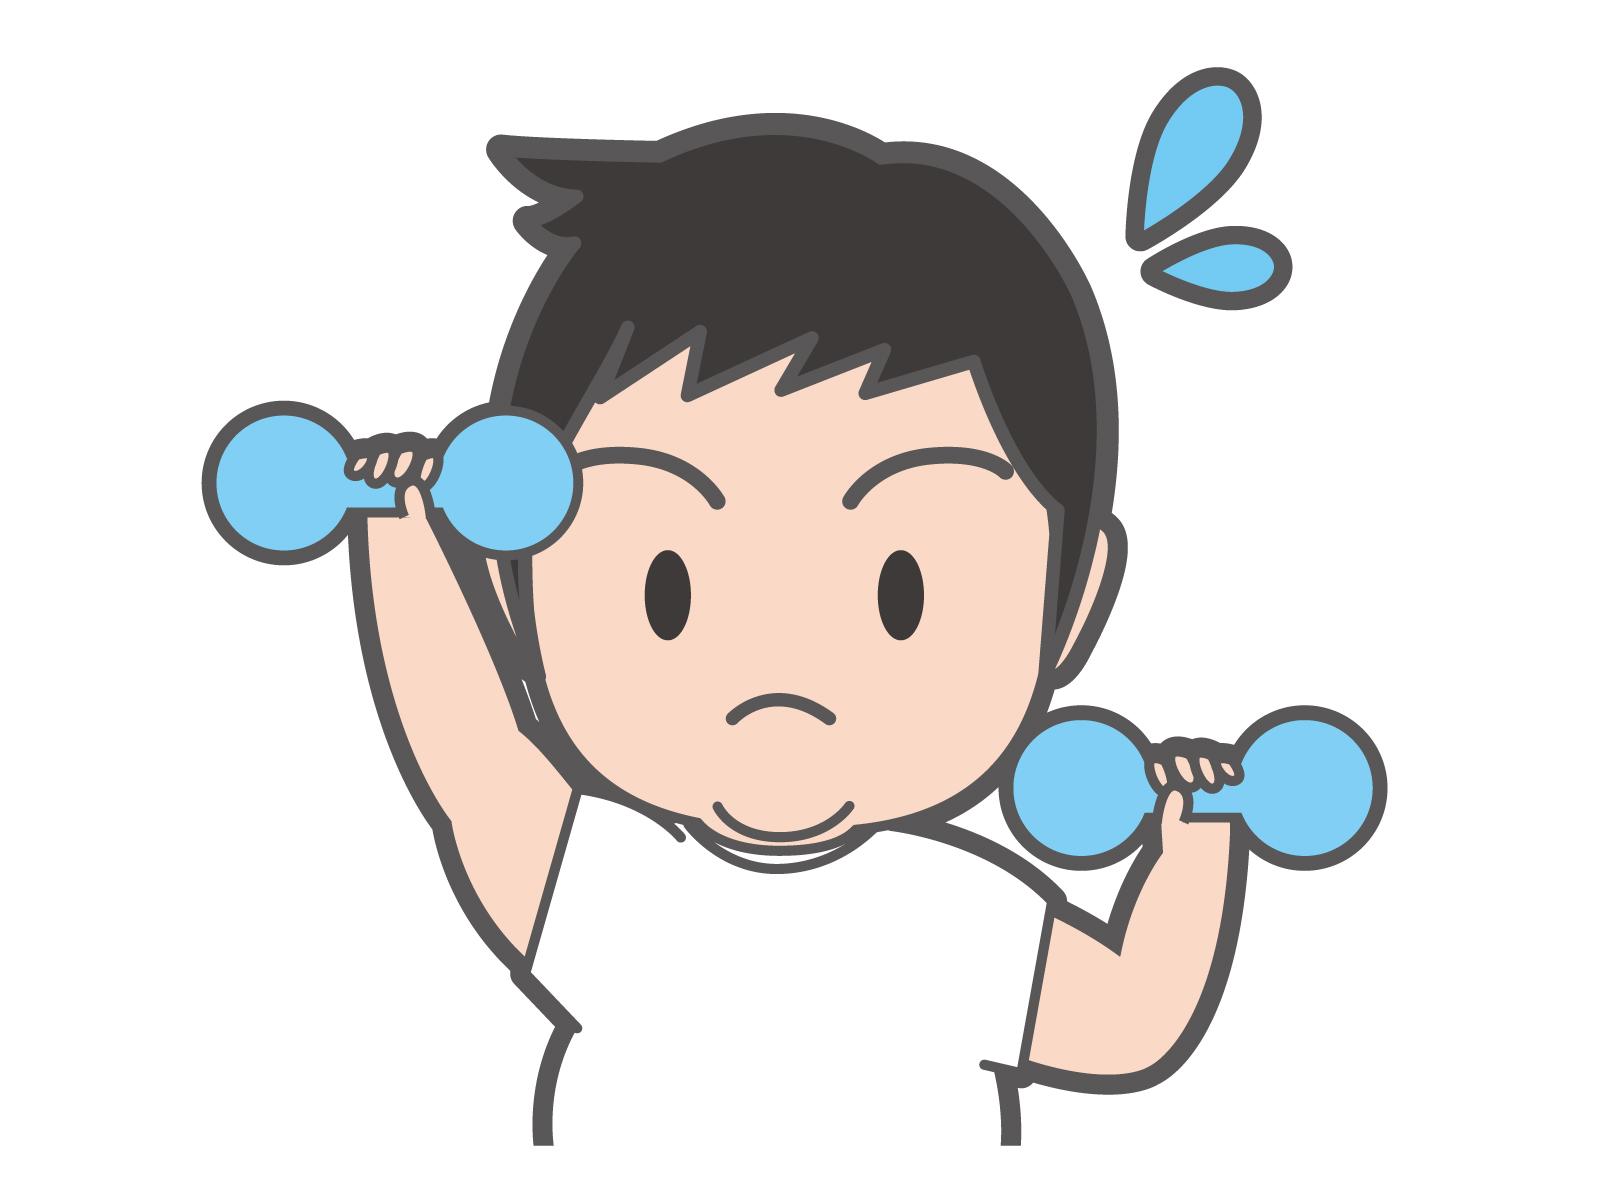 糖質制限とジムでのトレーニングで1年半で10キロ痩せました